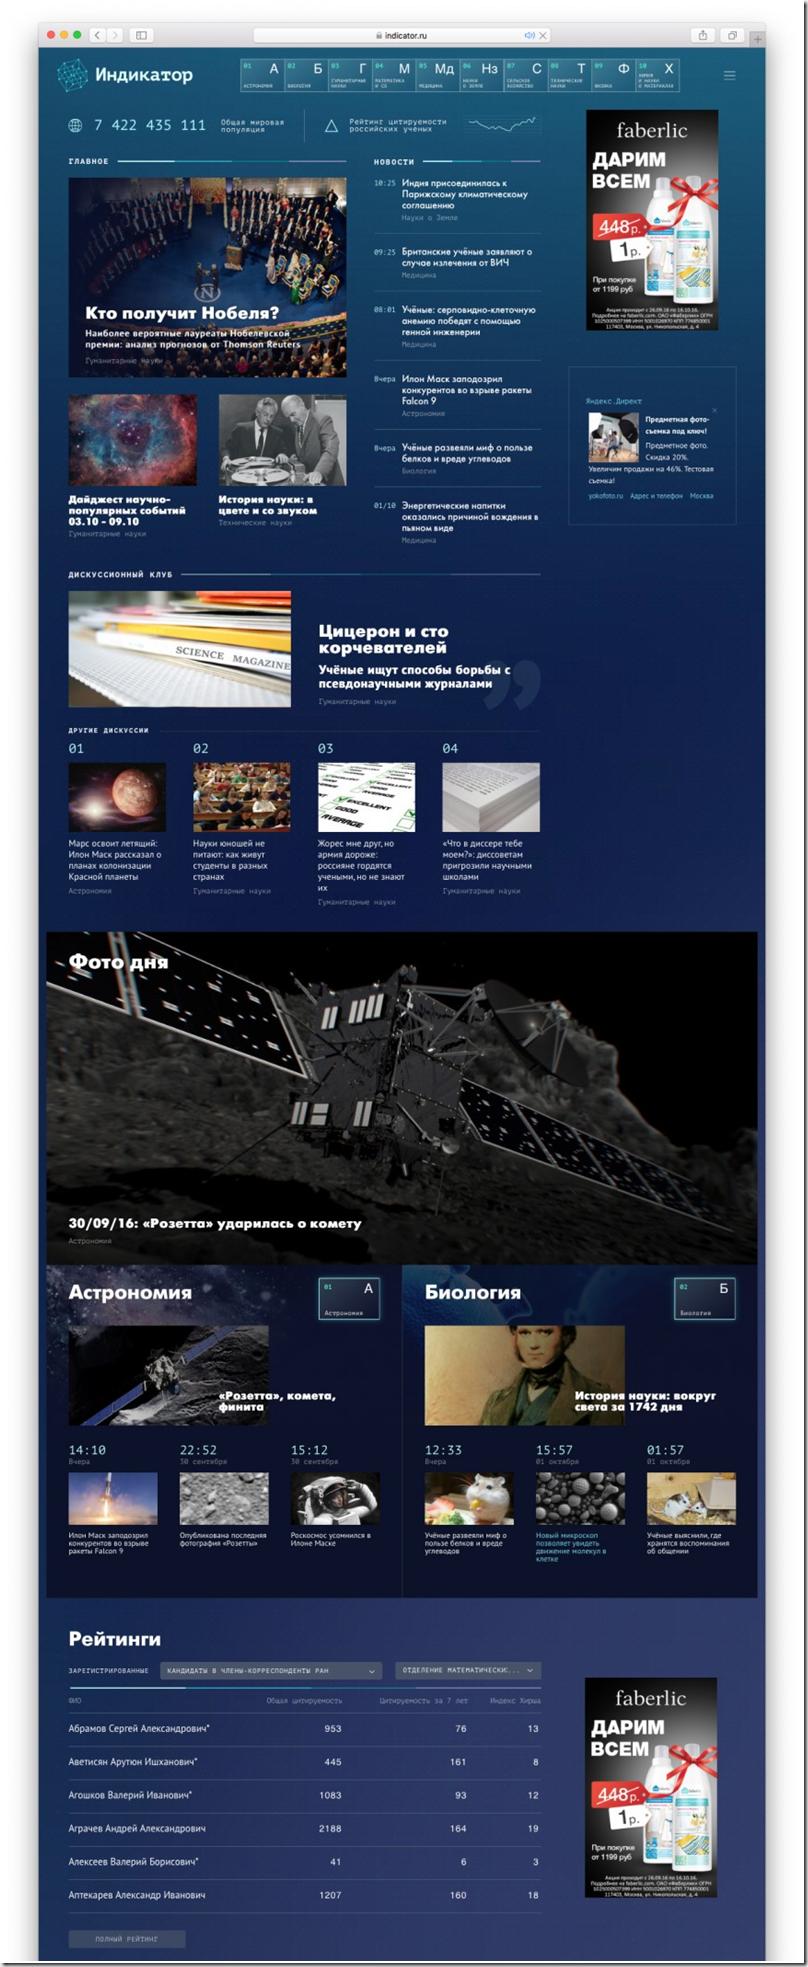 Rambler&Co запустил новый портал о науке Индикатор. image